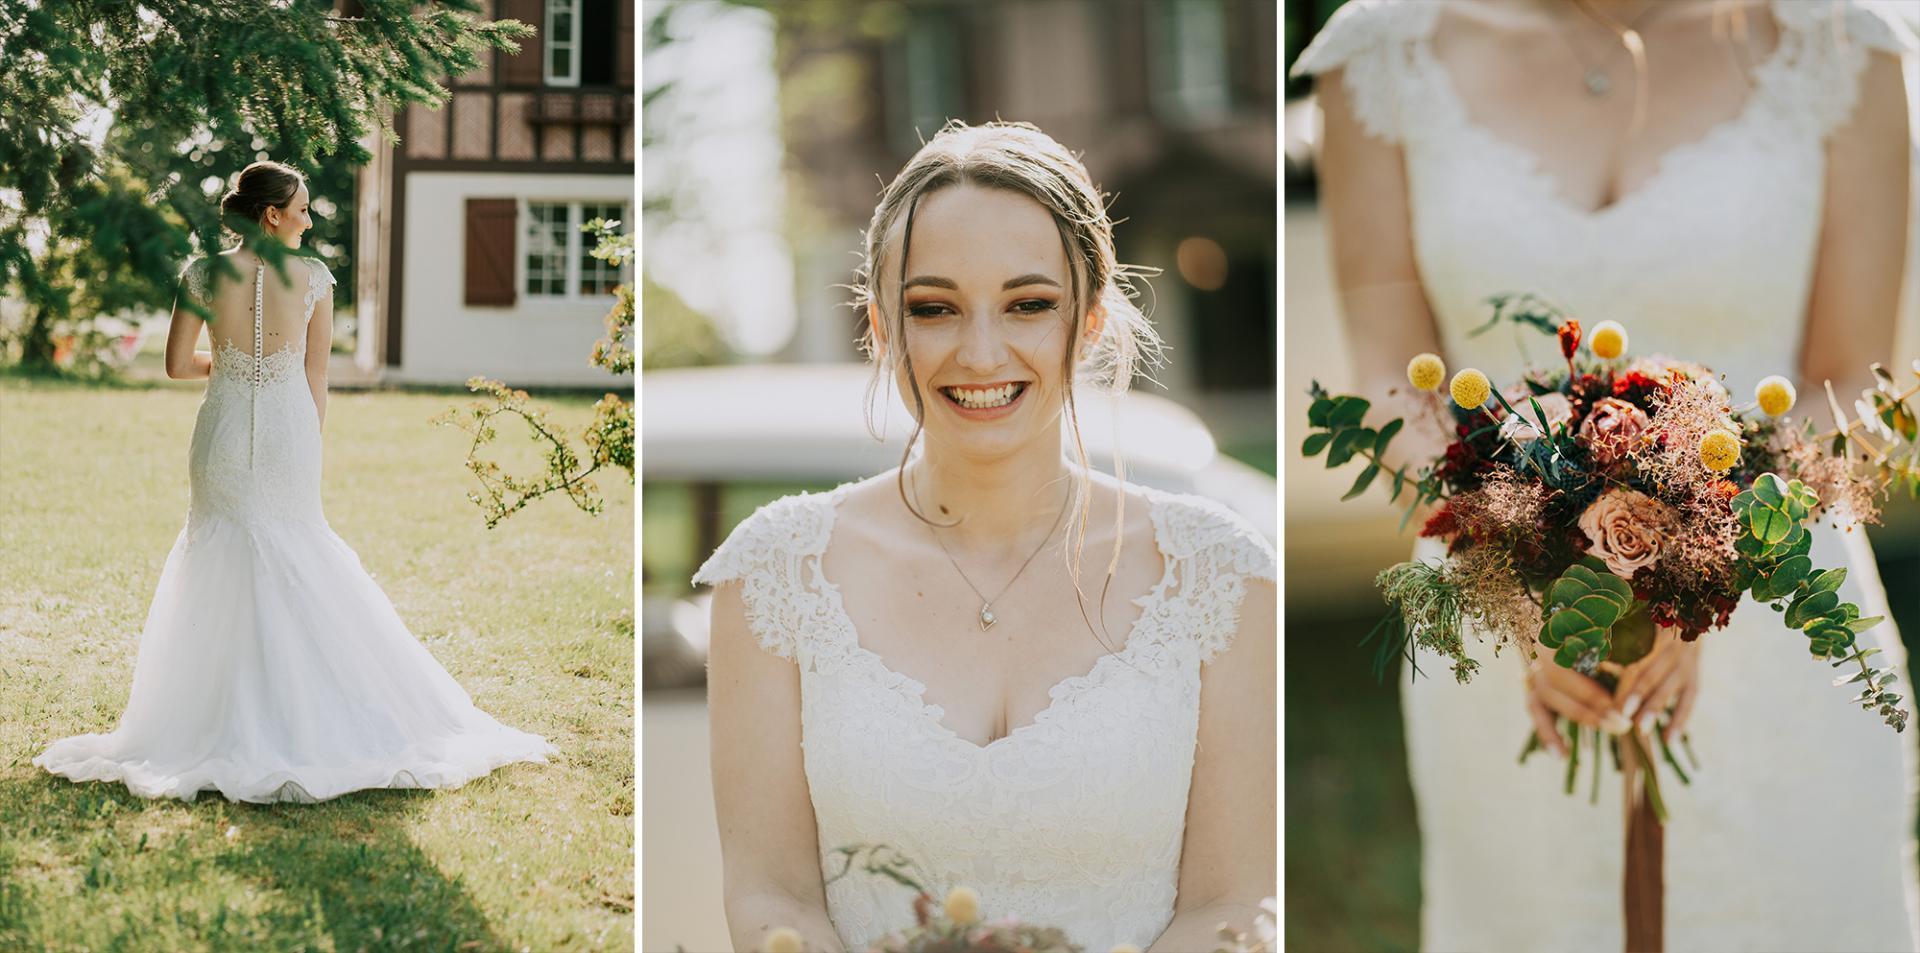 24 photographe de mariage landes dax aquitaine allison micallef le bouquet de la mariee